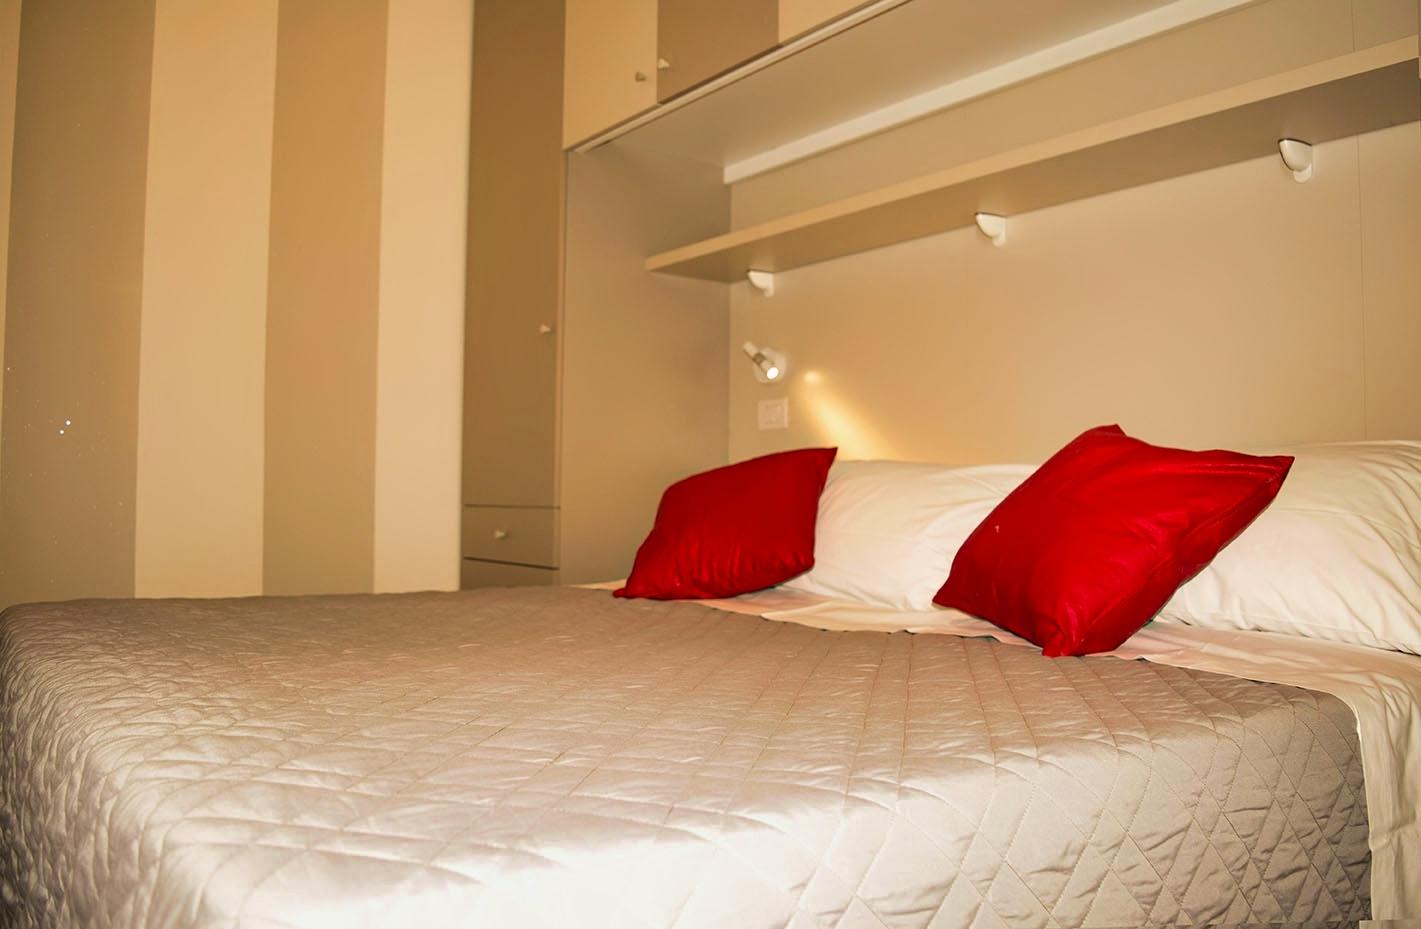 camera-letto-2-copia